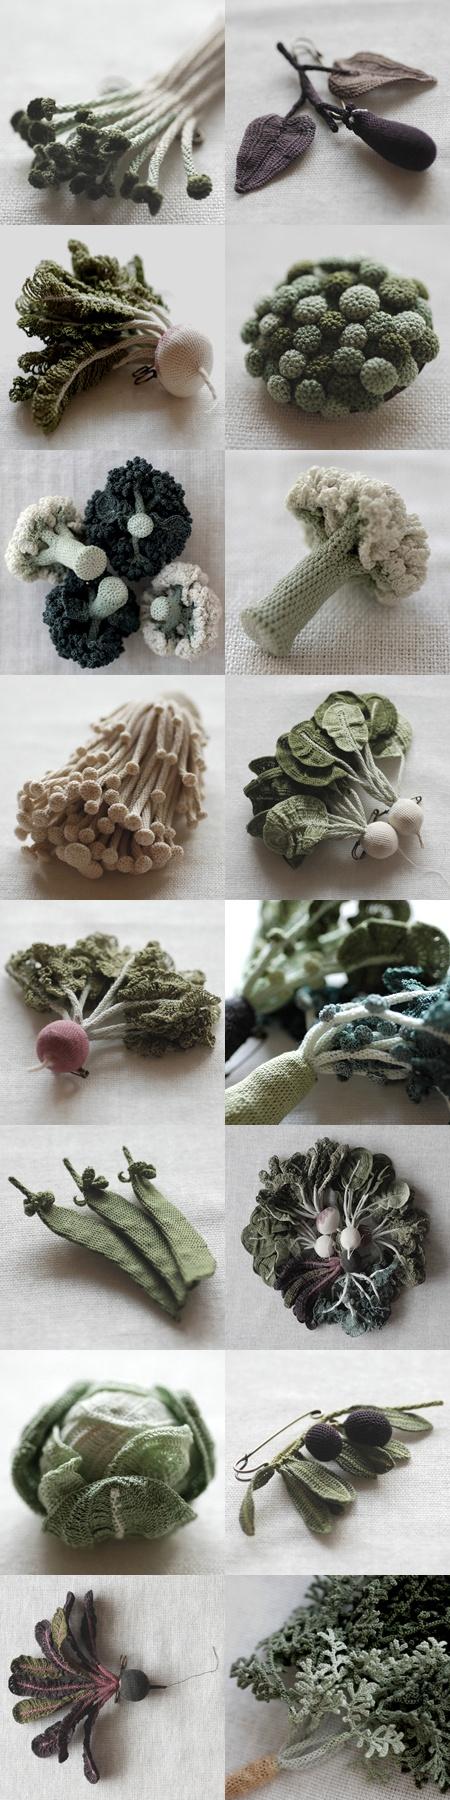 Jung Jung est japonaise et cree ces magnifiques legumes et vegetaux en crochet